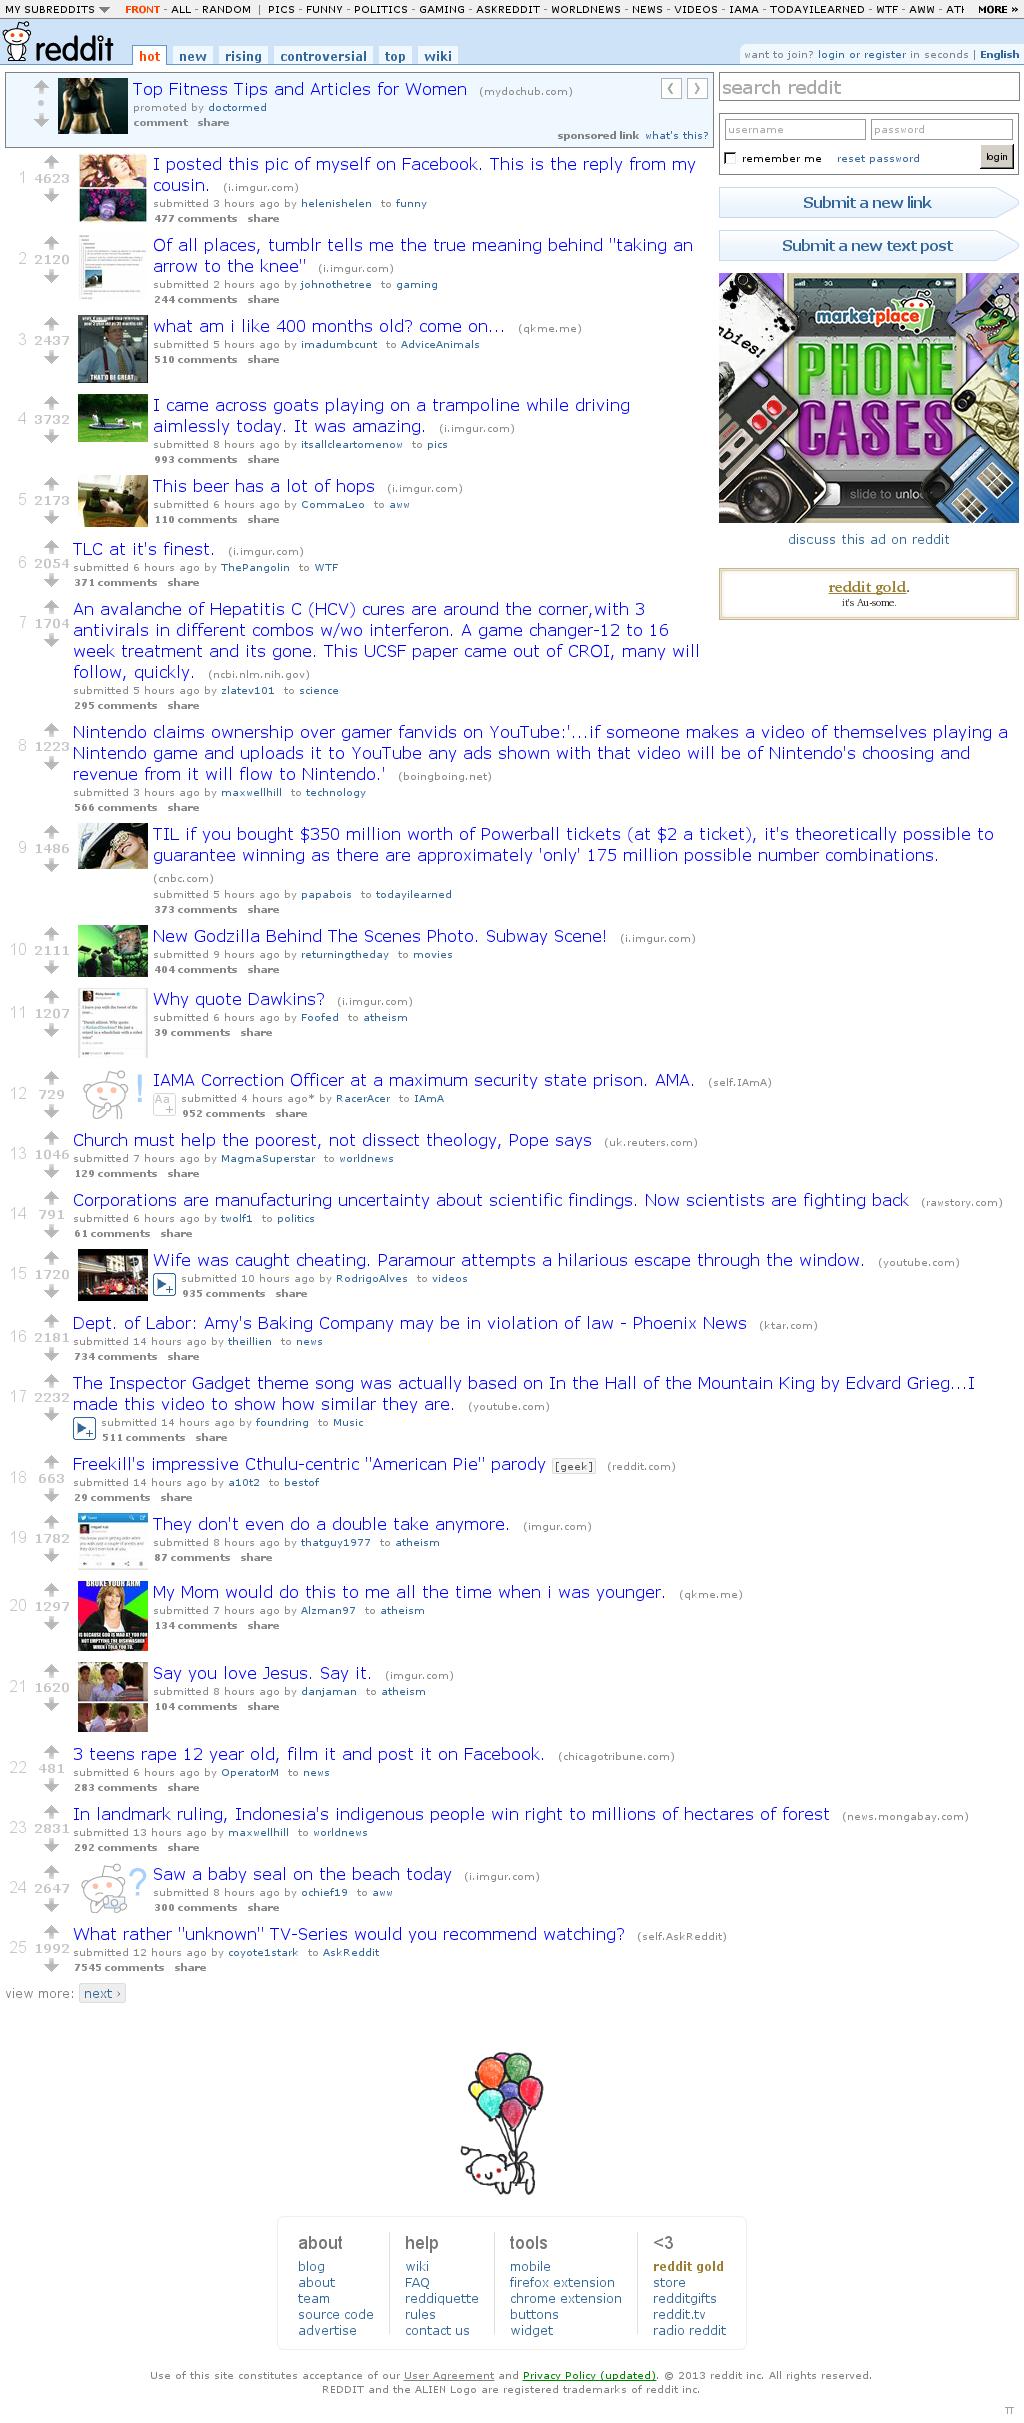 Reddit at Sunday May 19, 2013, 8:17 a.m. UTC